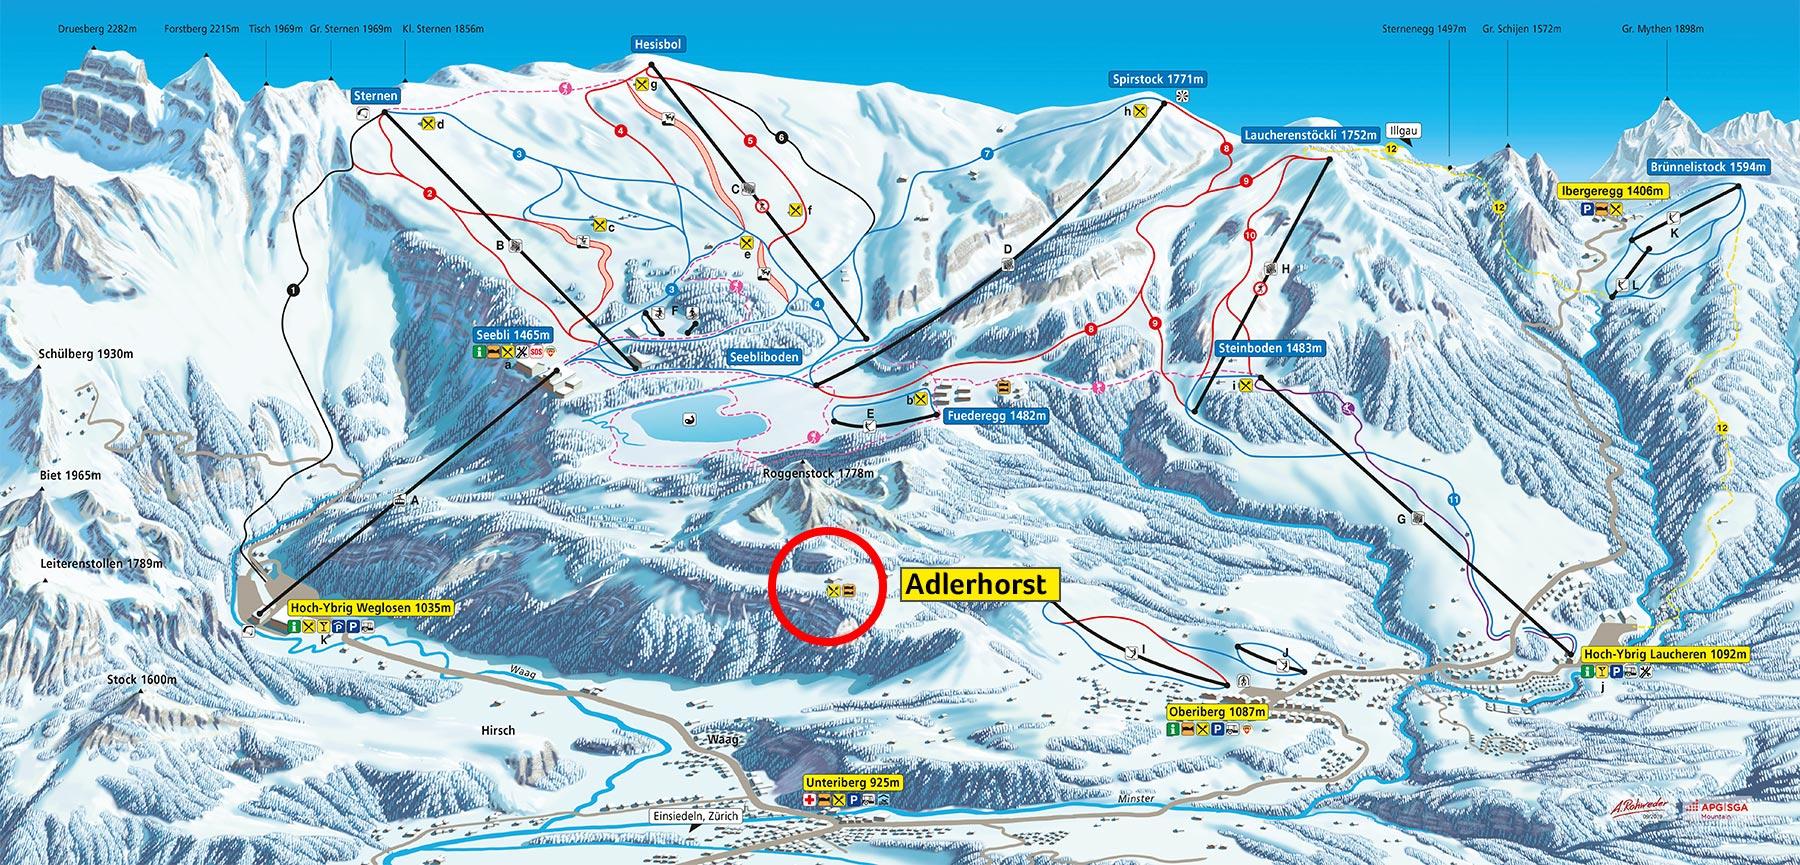 Panoramakarte Übersicht Hoch-Ybrig Skigebiet Winter 2019-2020 Adlerhorst